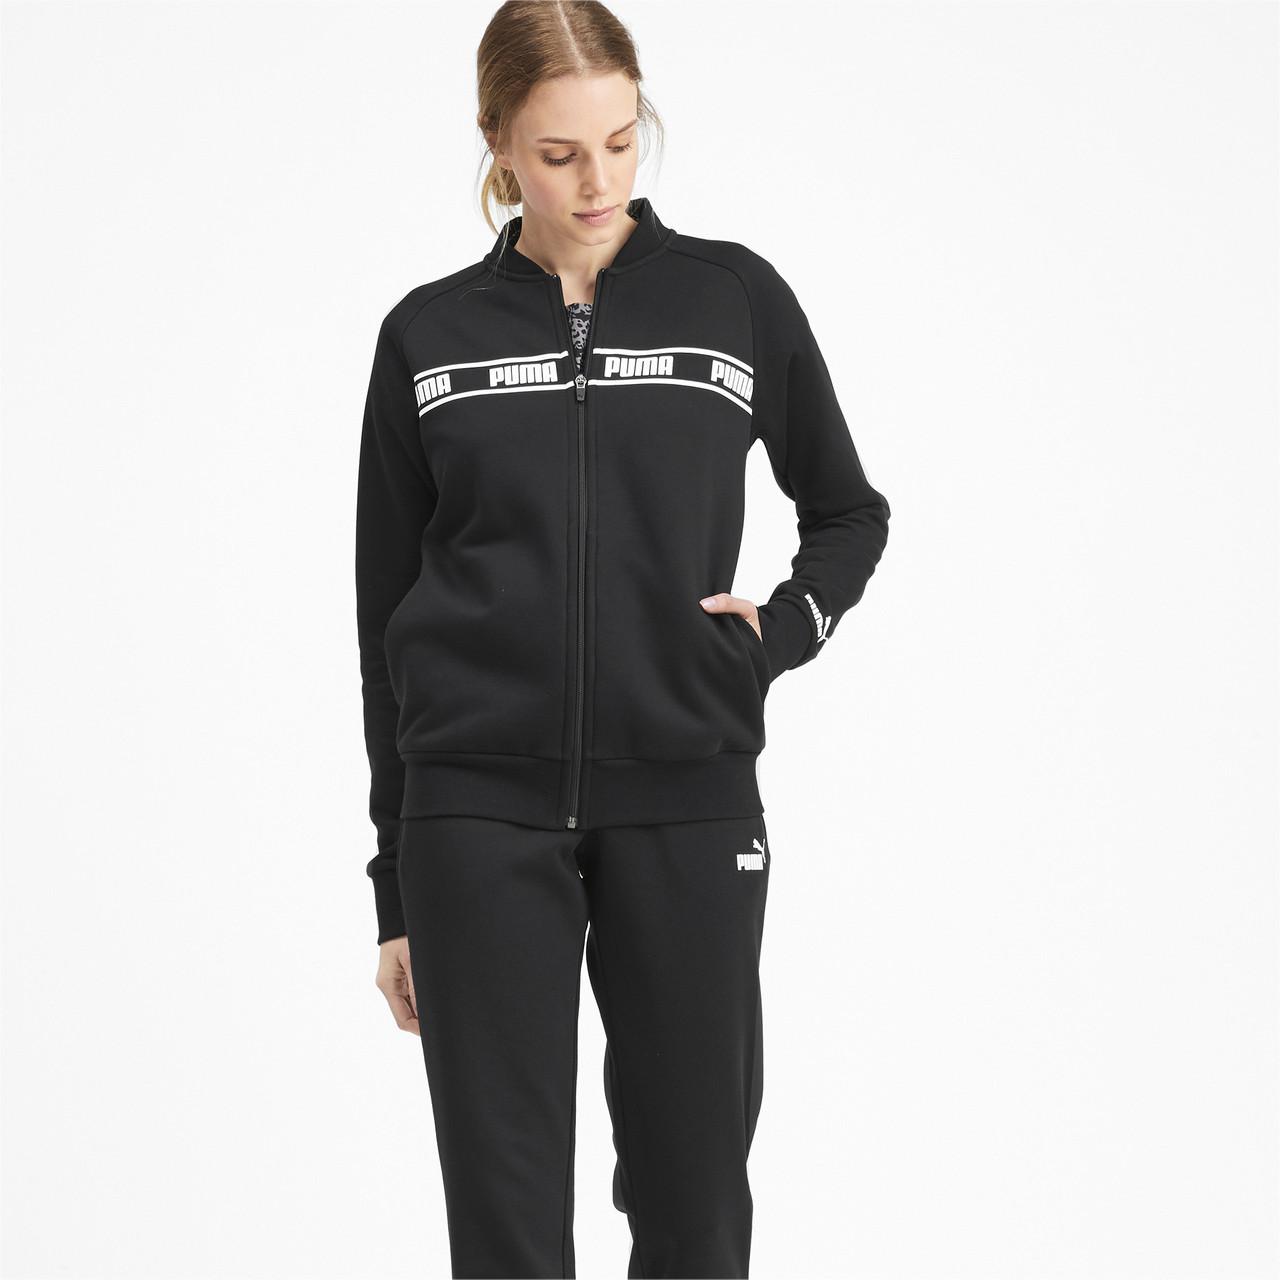 Спортивний костюм Женский Puma black, white